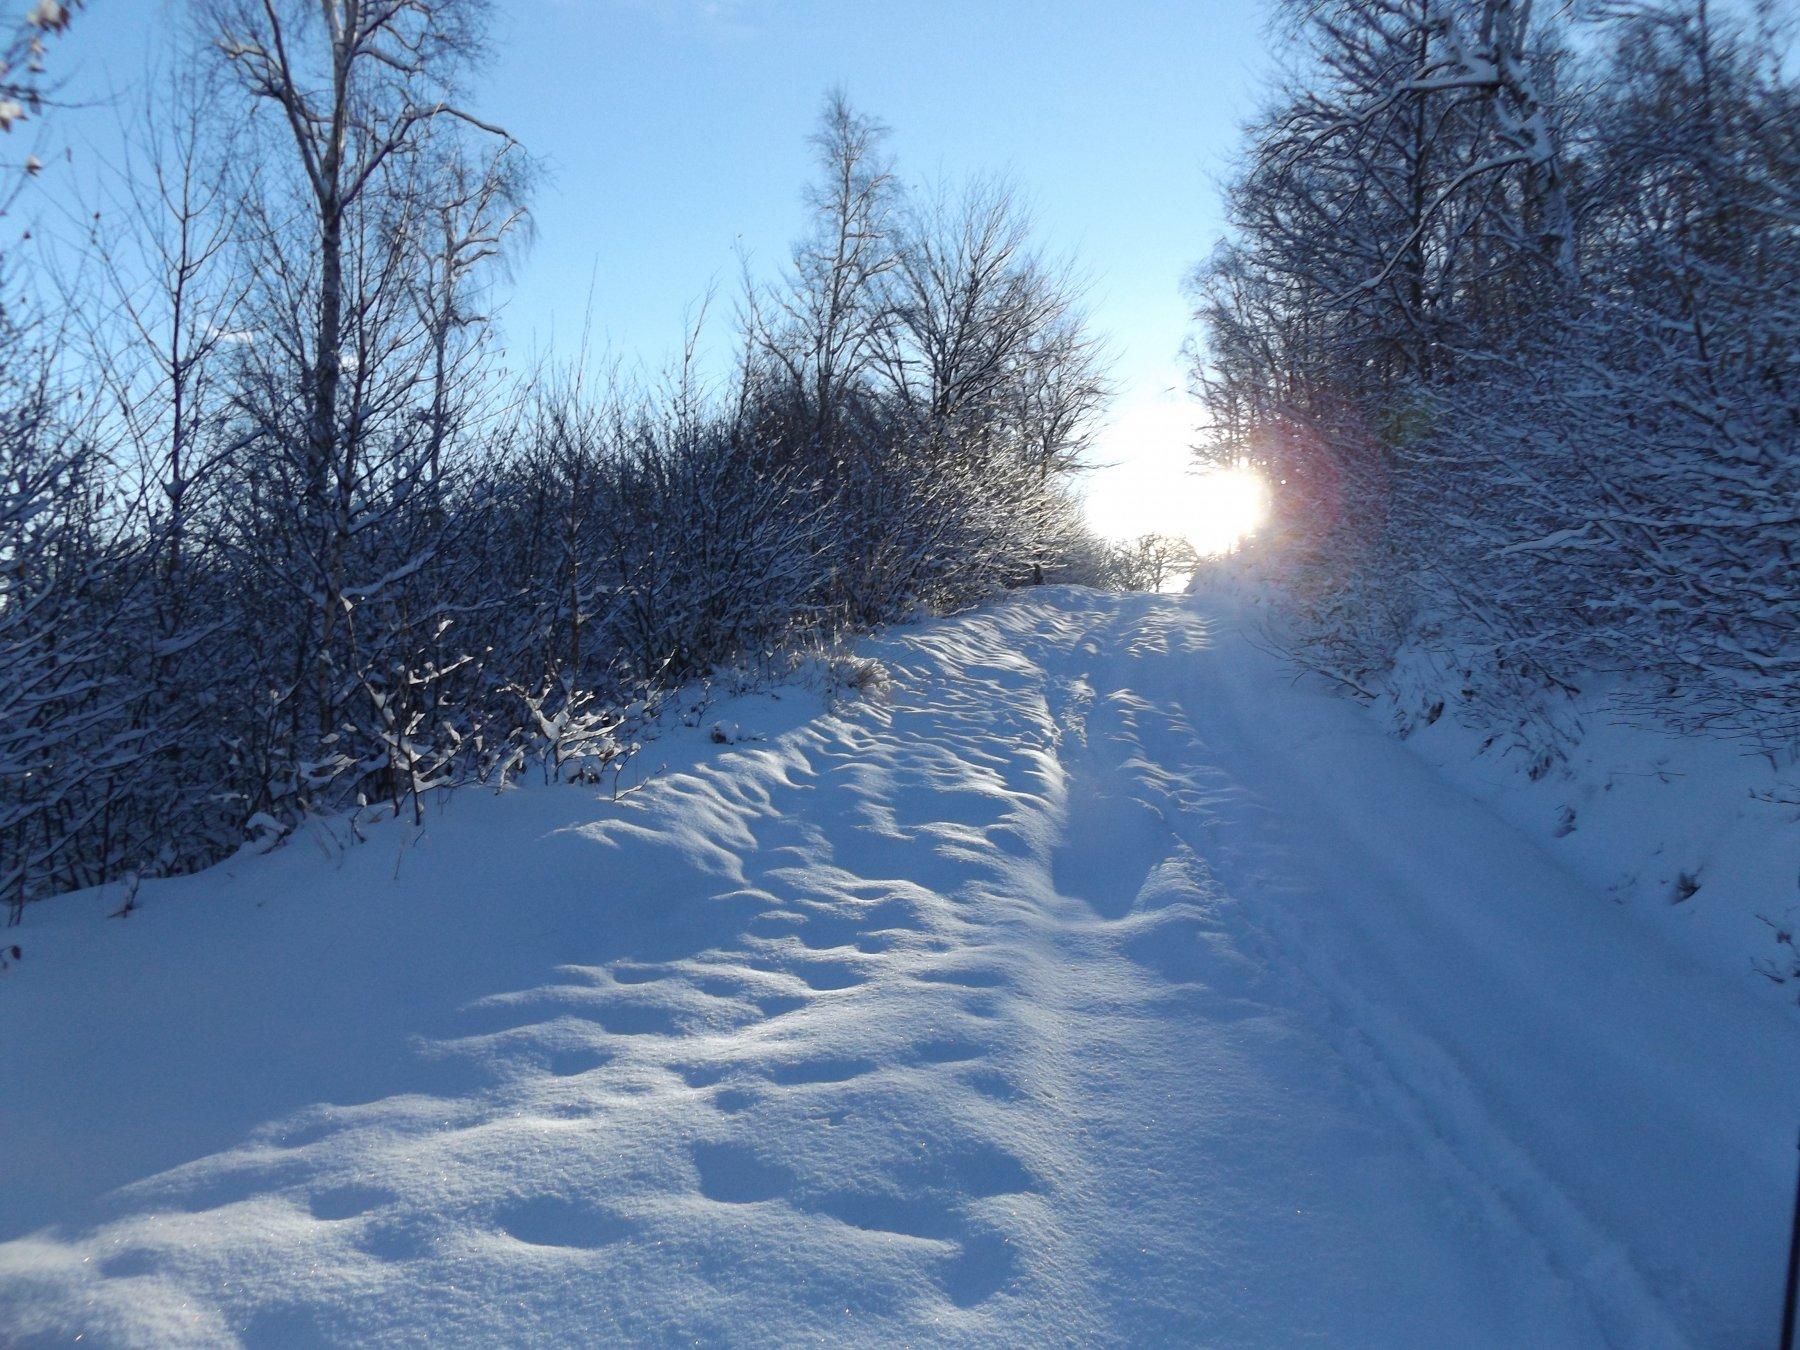 Magia di una recente nevicata, verso il sole